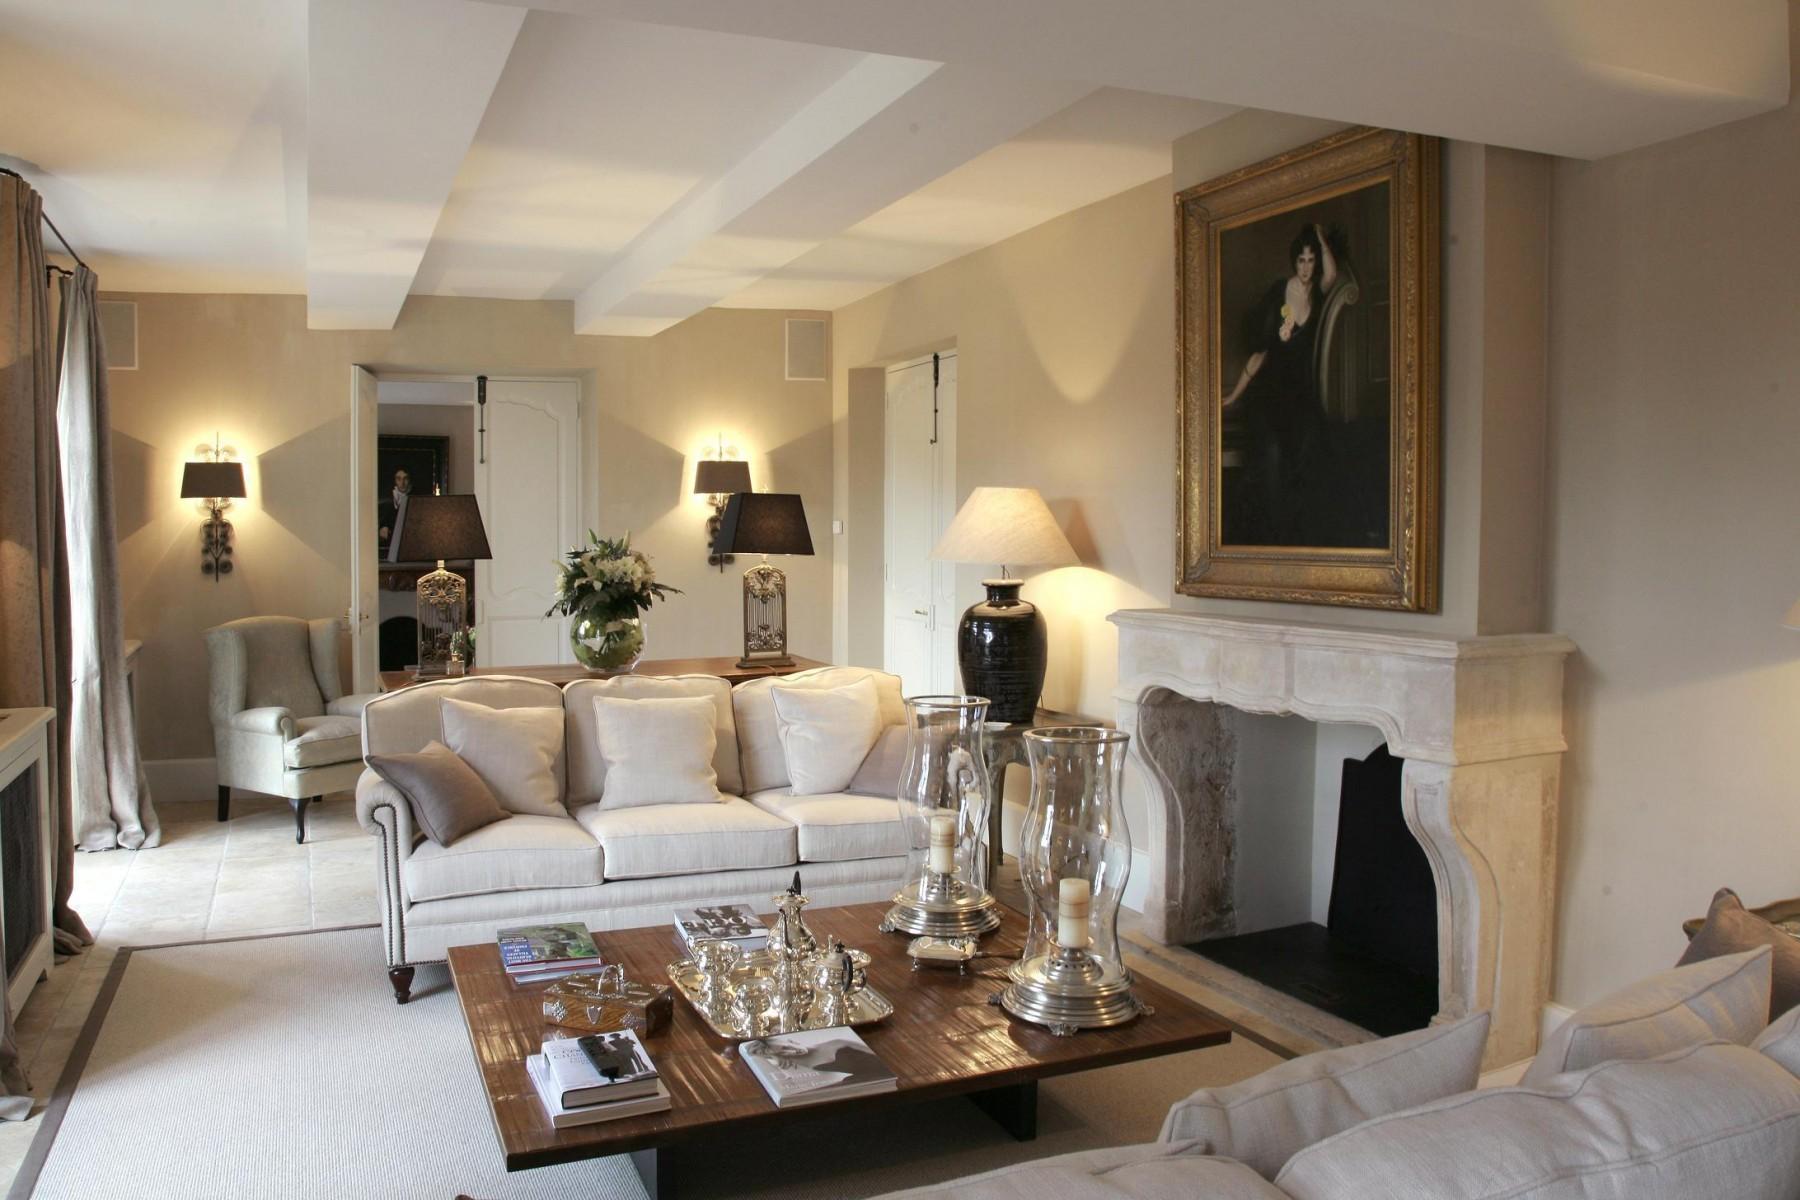 10 trucos para crear casas lujosas con poco dinero hoy - Decoracion en casa ...